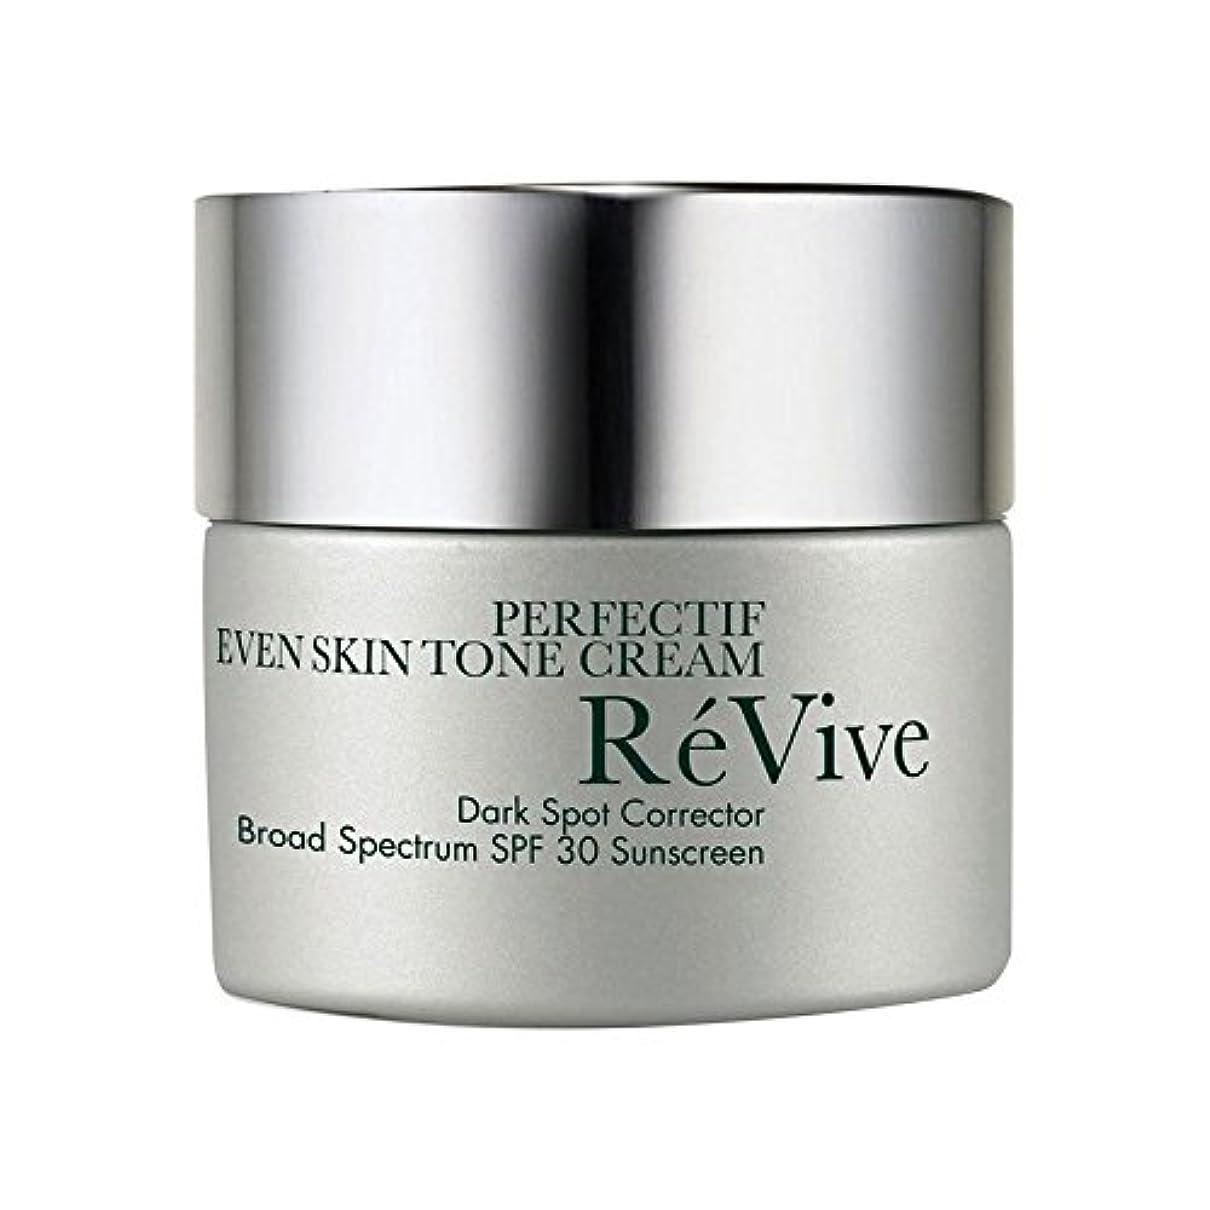 安西ロゴ幸福リヴィーブ Perfectif Even Skin Tone Cream - Dark Spot Corrector SPF 30 50g/1.7oz並行輸入品